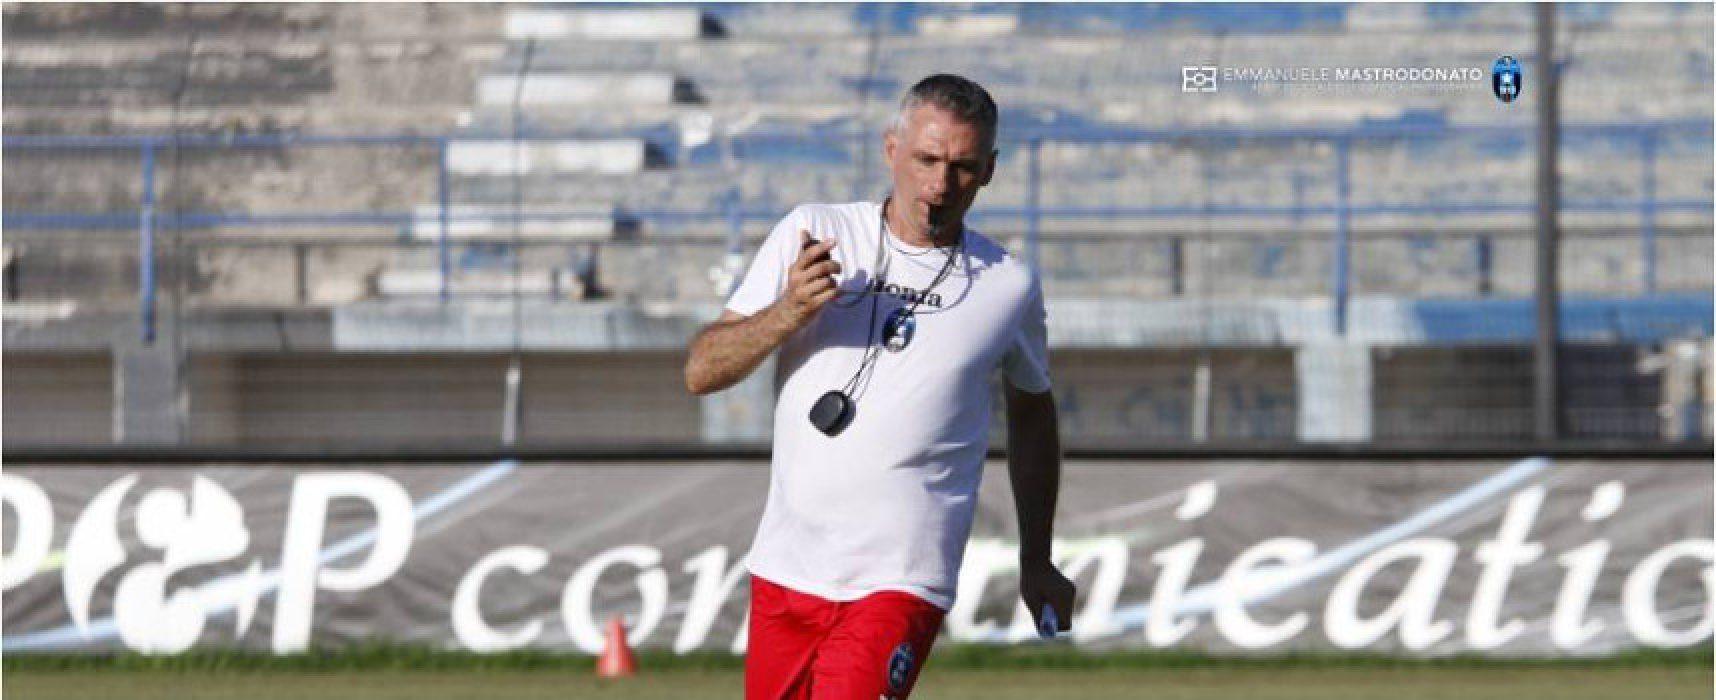 """Bisceglie Calcio, mister Losacco: """"I ragazzi stanno rispondendo bene al lavoro"""""""